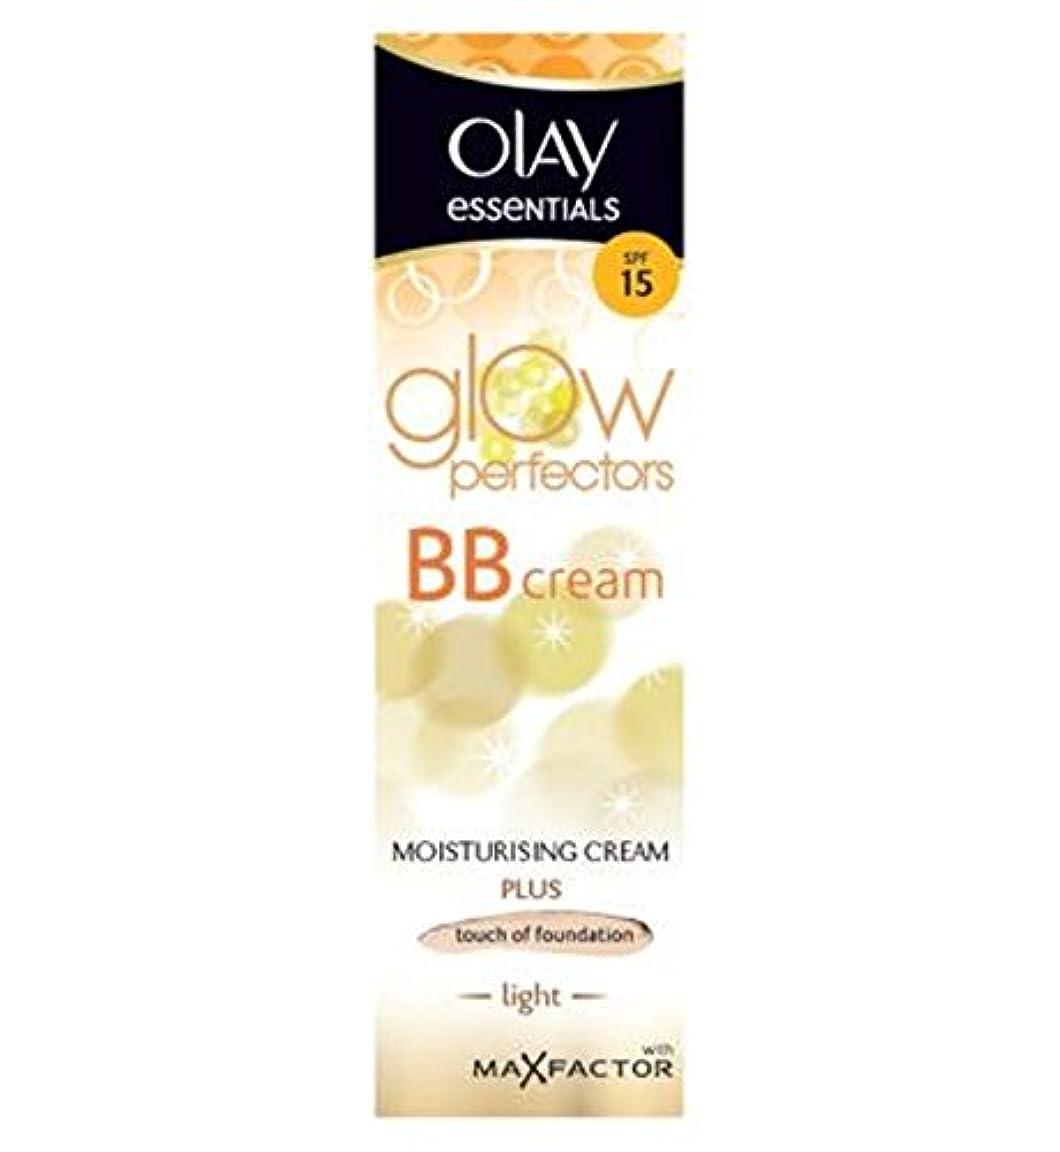 黙認する優先イルOlay Complete BB Cream SPF15 Skin Perfecting Tinted Moisturiser 50ml - Fair - 着色保湿50ミリリットルを完成オーレイ完全なBbクリームSpf15...